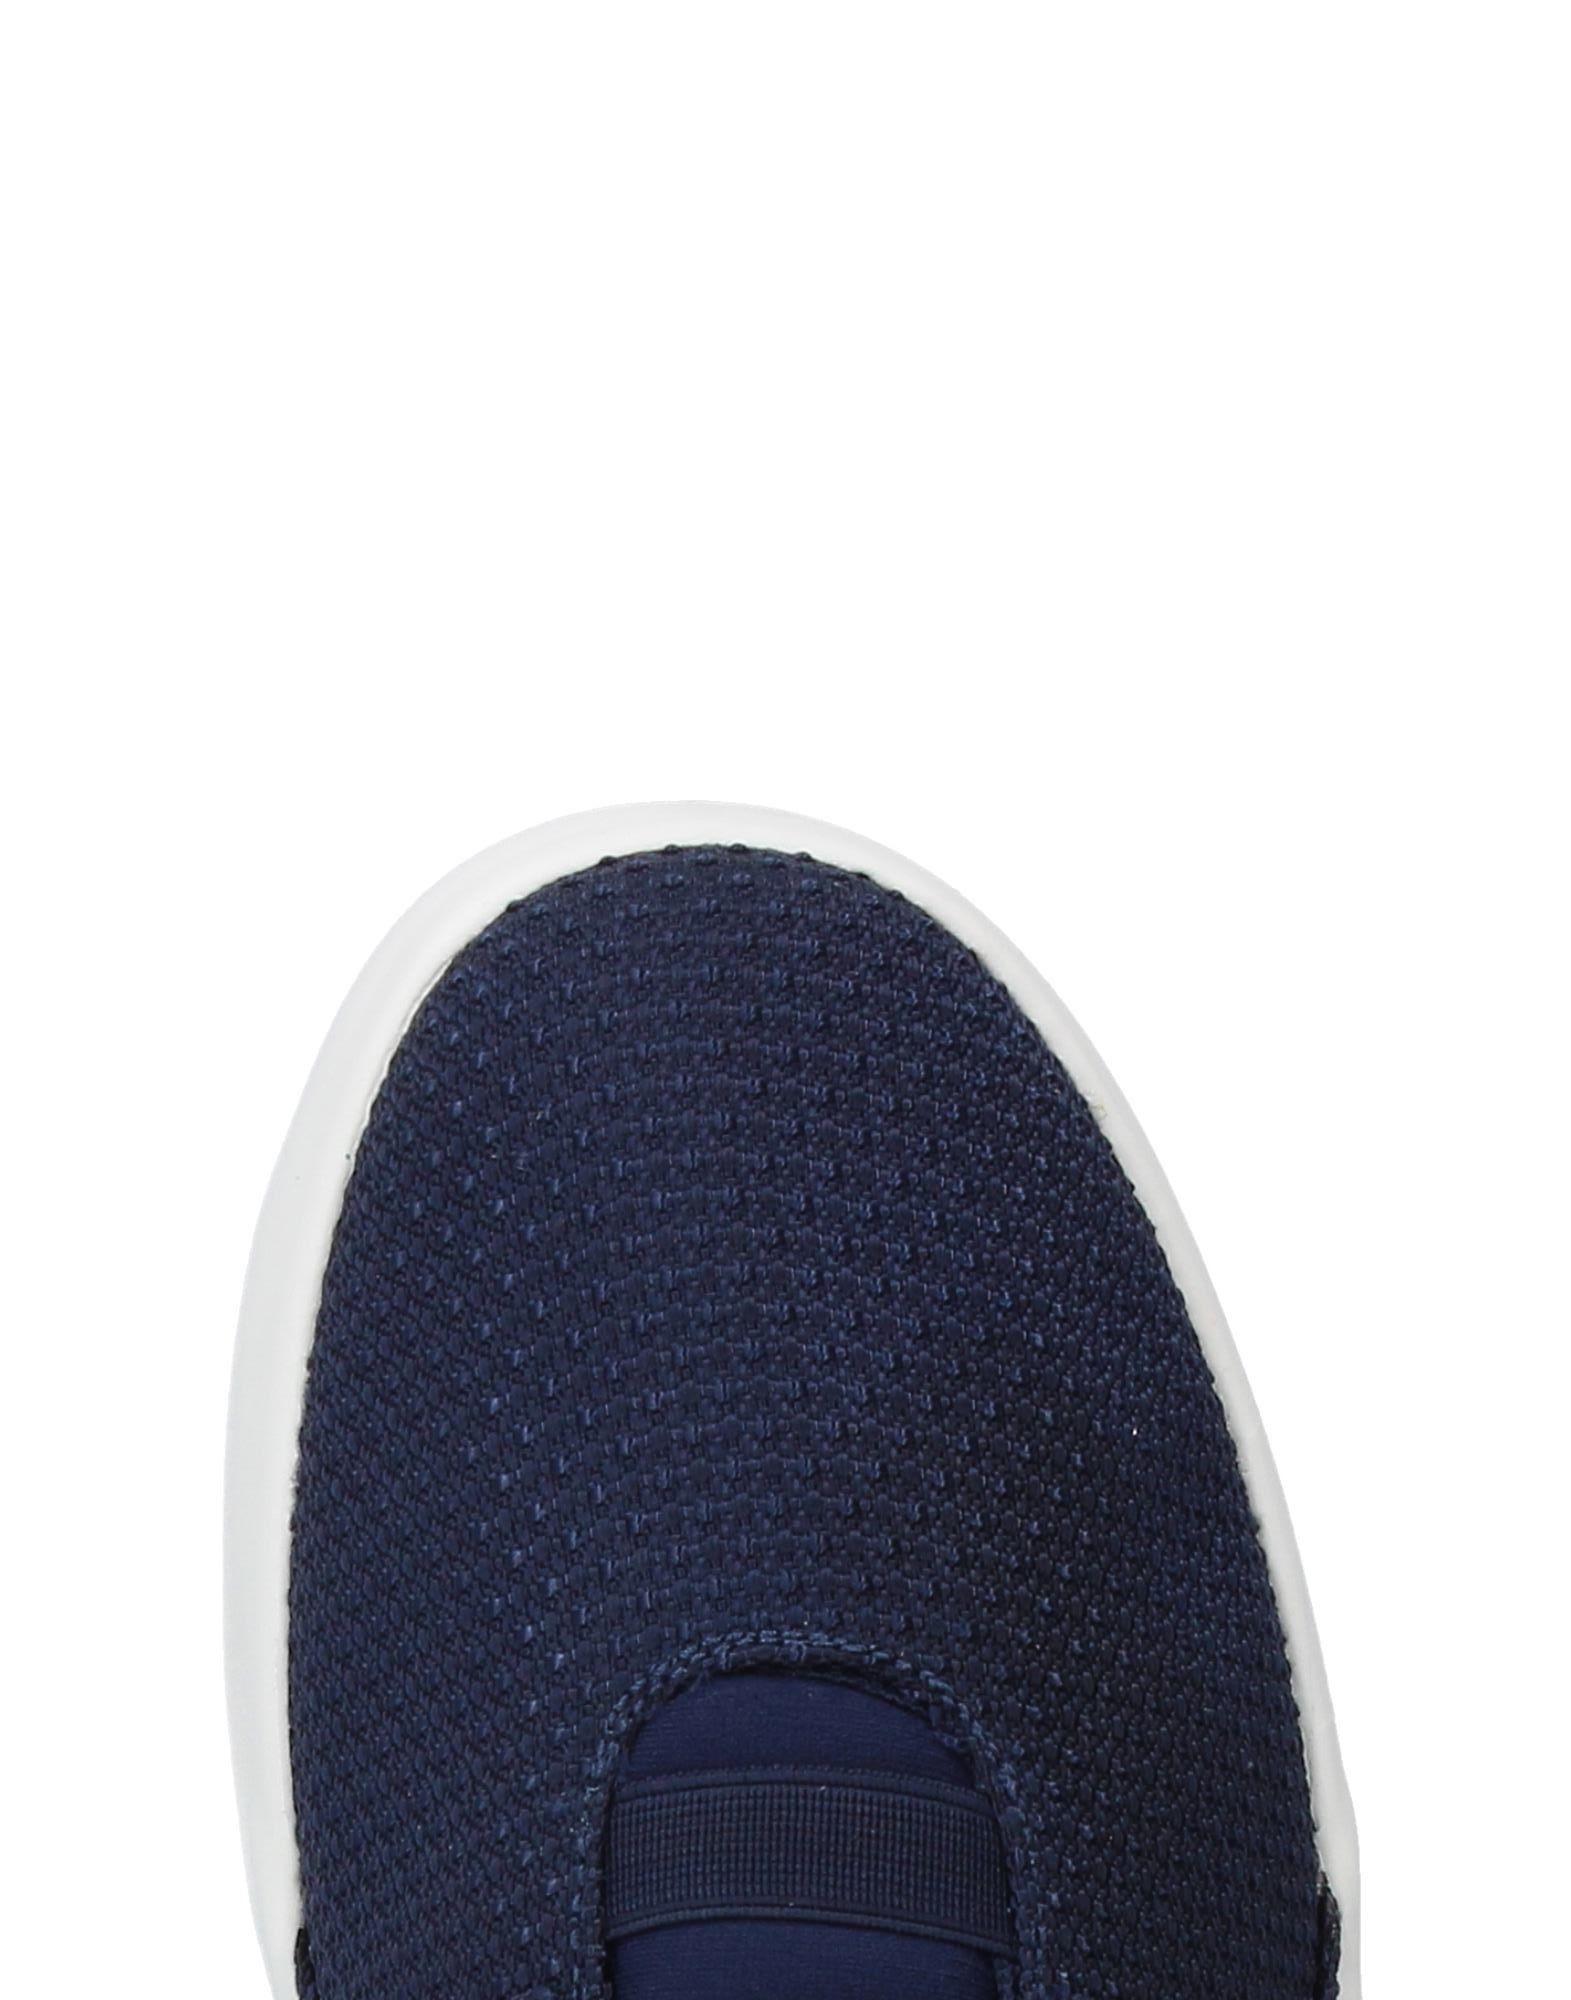 Nike Sneakers 11234881QV Herren  11234881QV Sneakers Heiße Schuhe d28c07